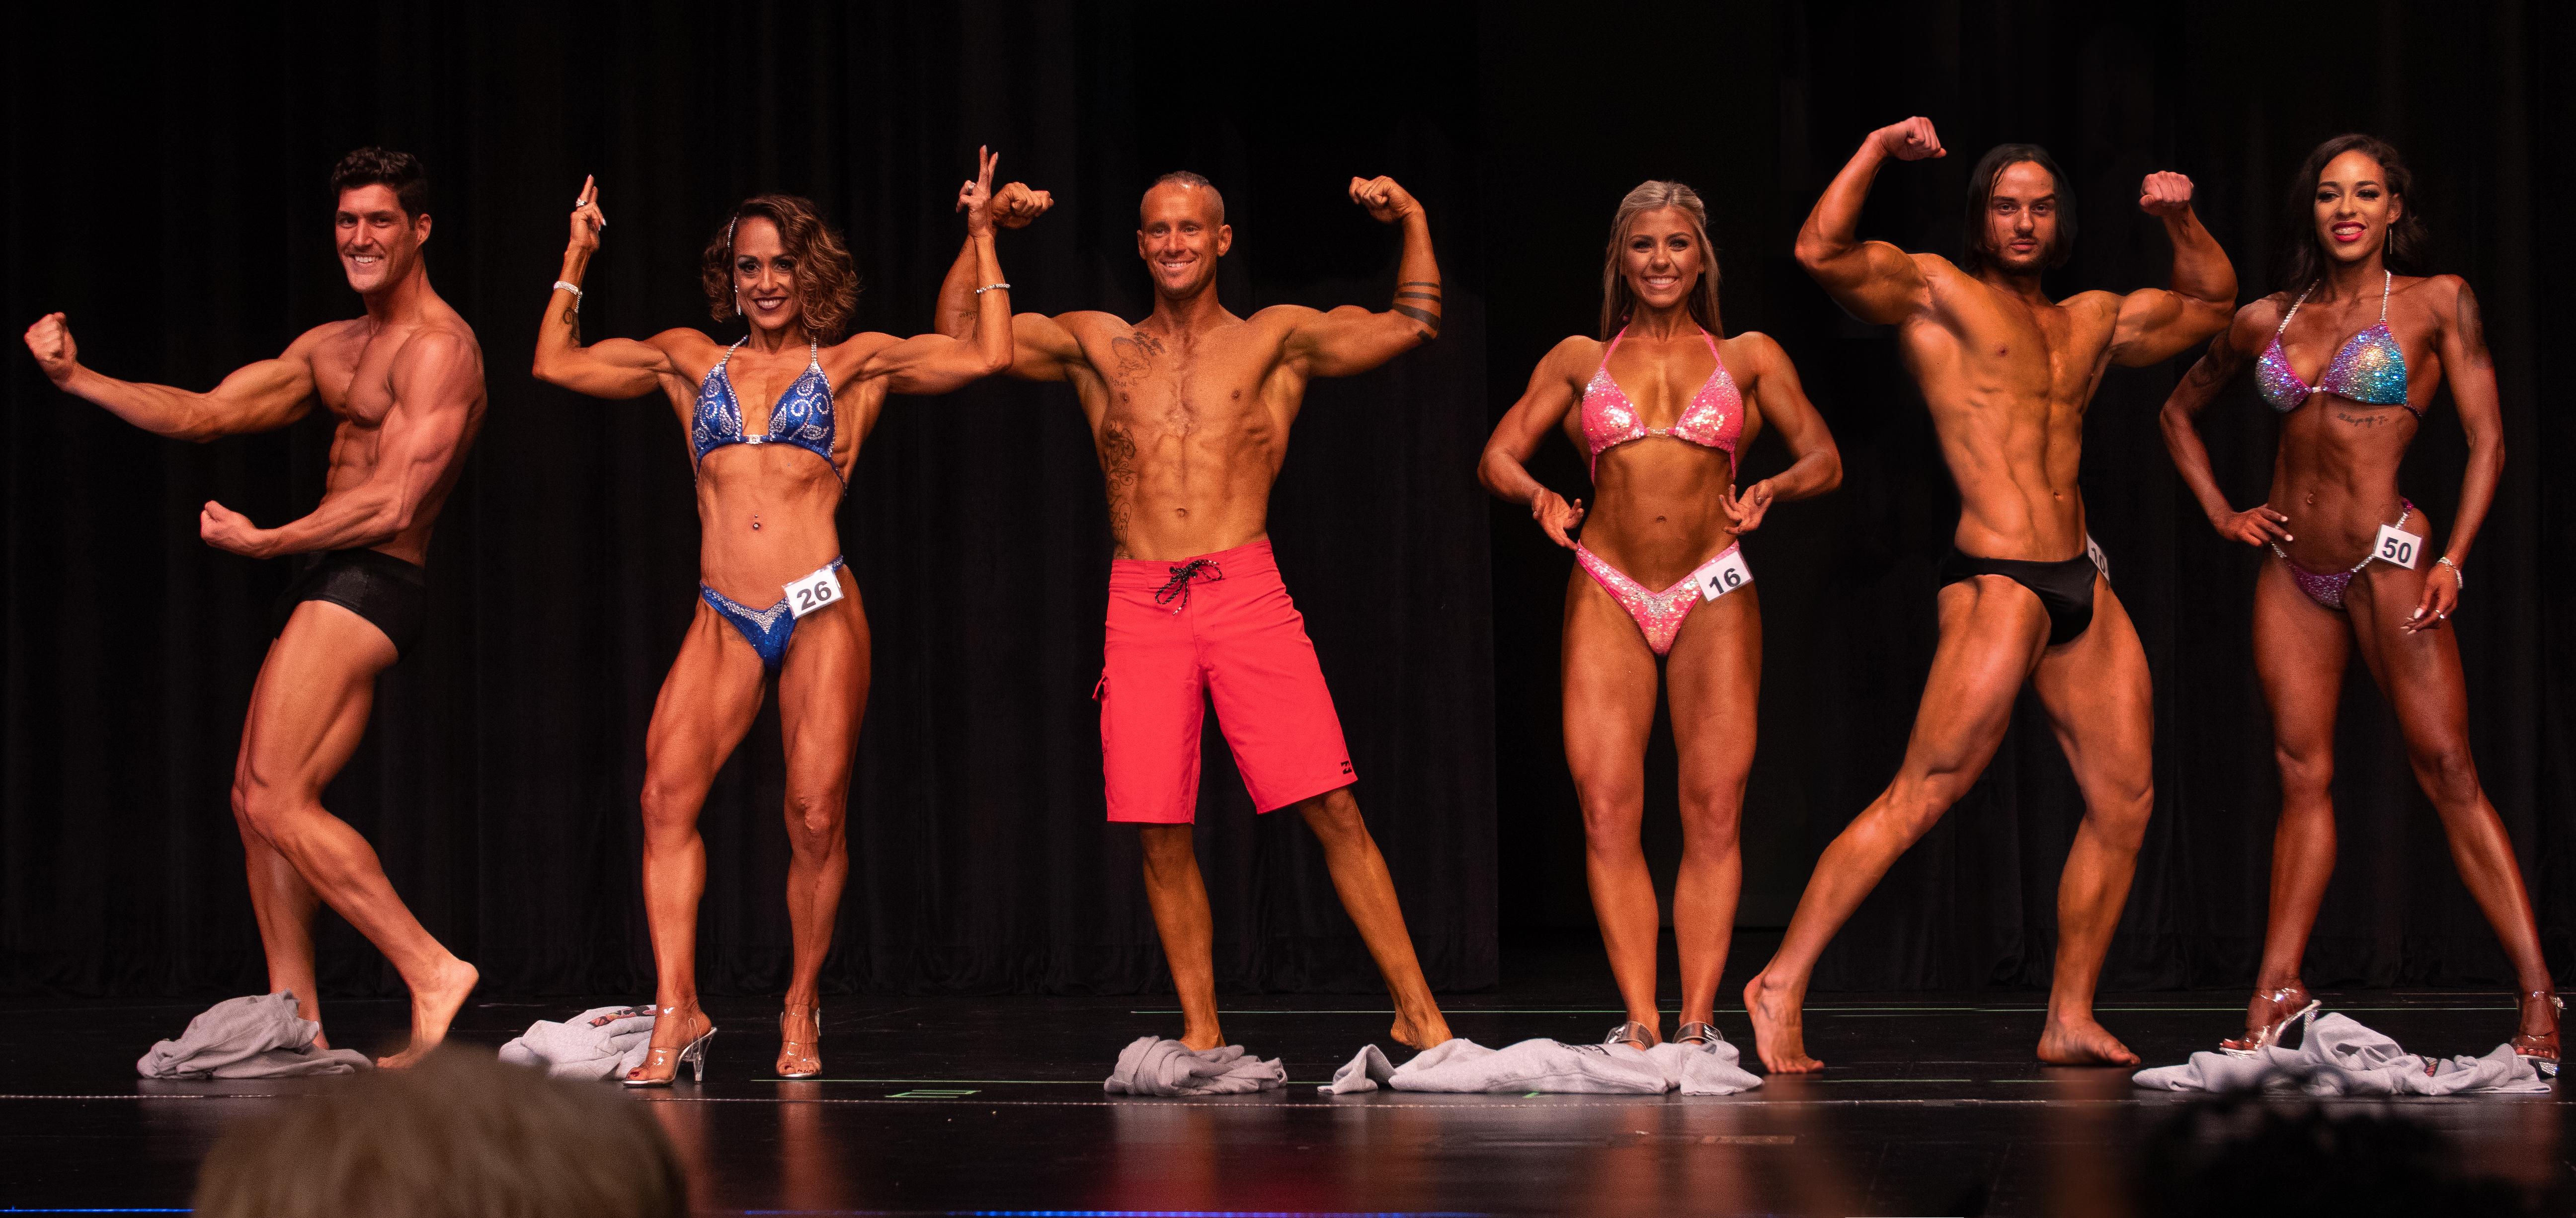 NWA Natural Championships | NWA Fitness & Health